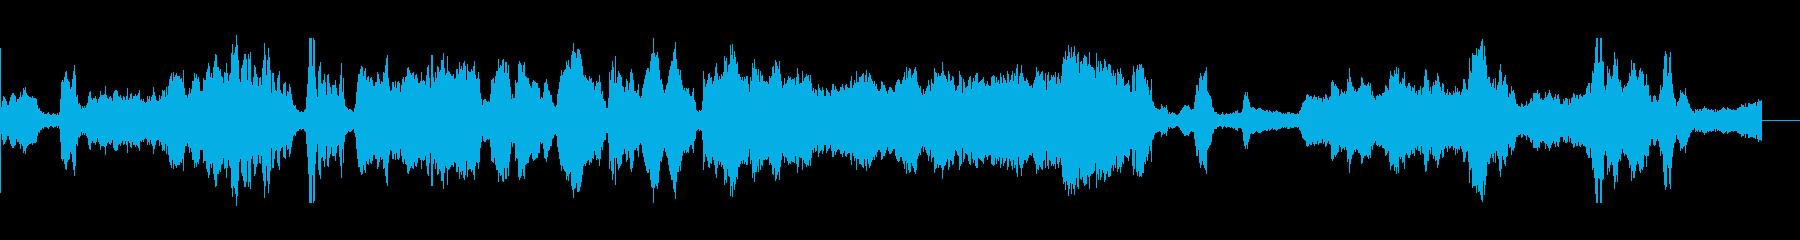 声; CB Radio Stati...の再生済みの波形